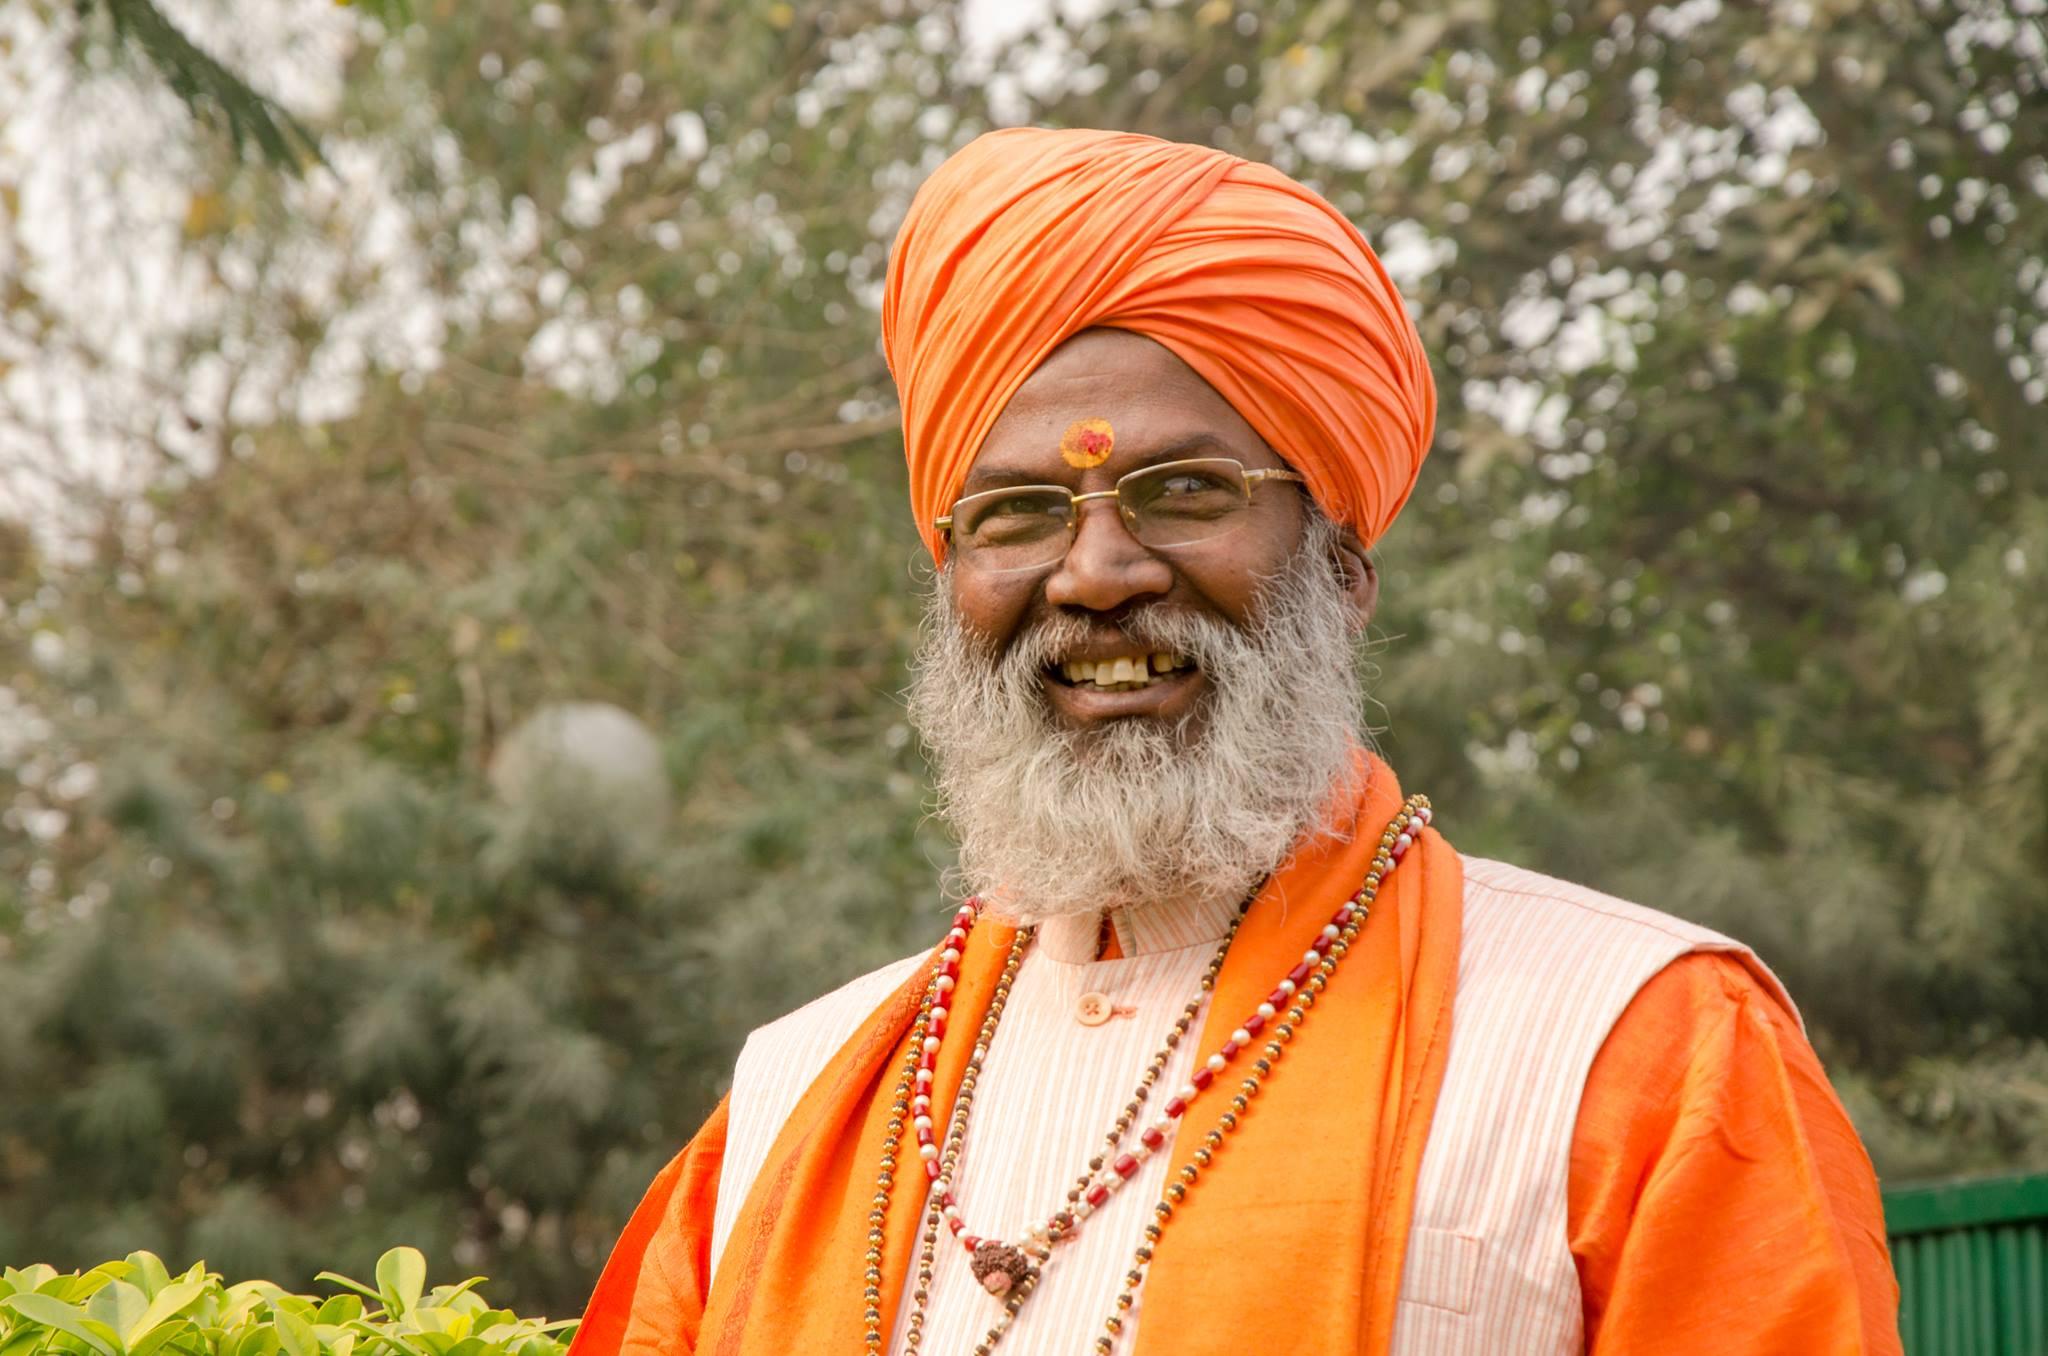 उत्तर प्रदेश के उन्नाव से भाजपा सांसद साक्षी महाराज (फोटो साभार: फेसबुक)